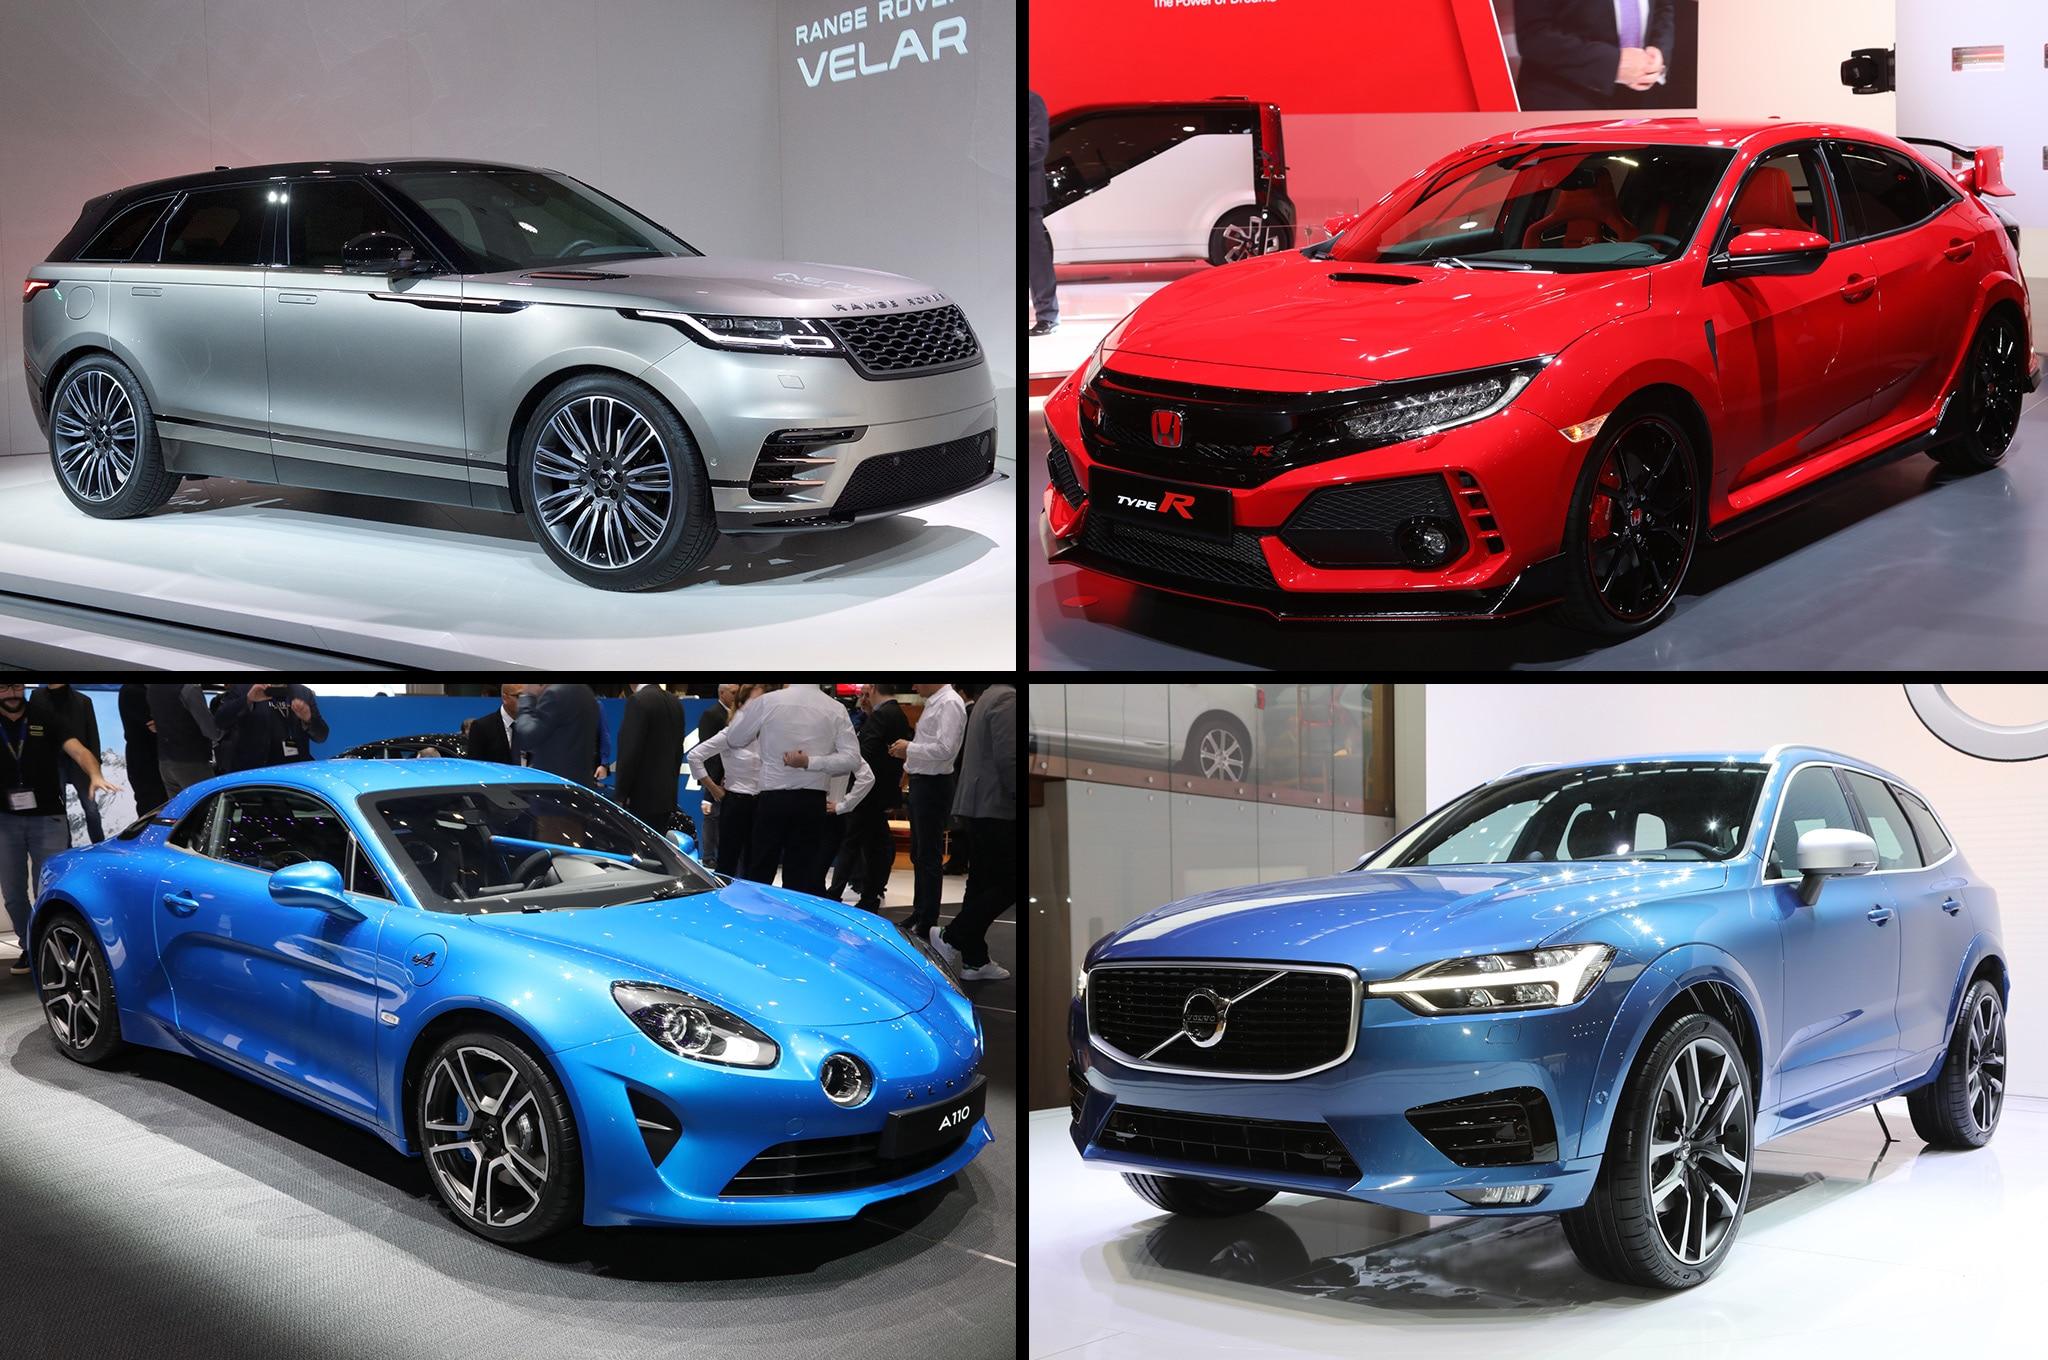 2017 Geneva Motor Show Favorites Graphic